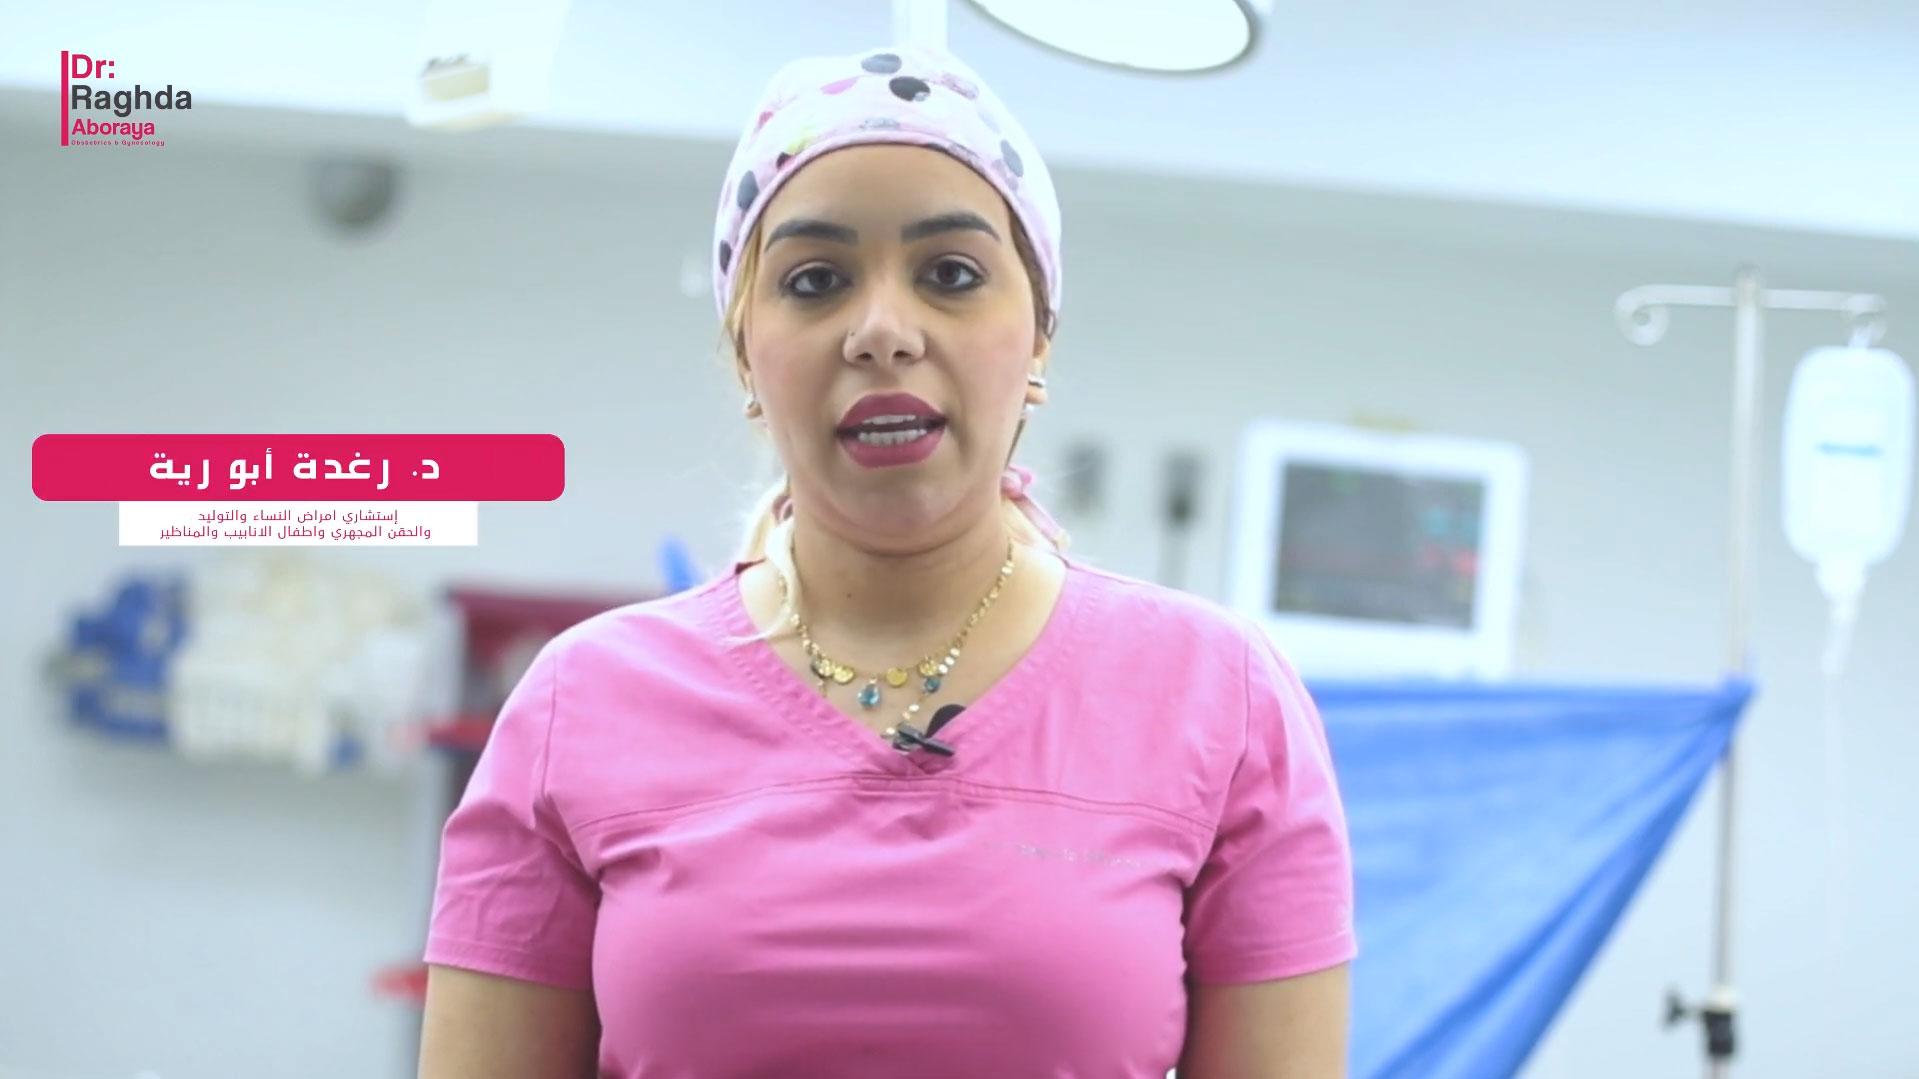 Dr Raghda Aboraya - إنتاج الفيديوهات -